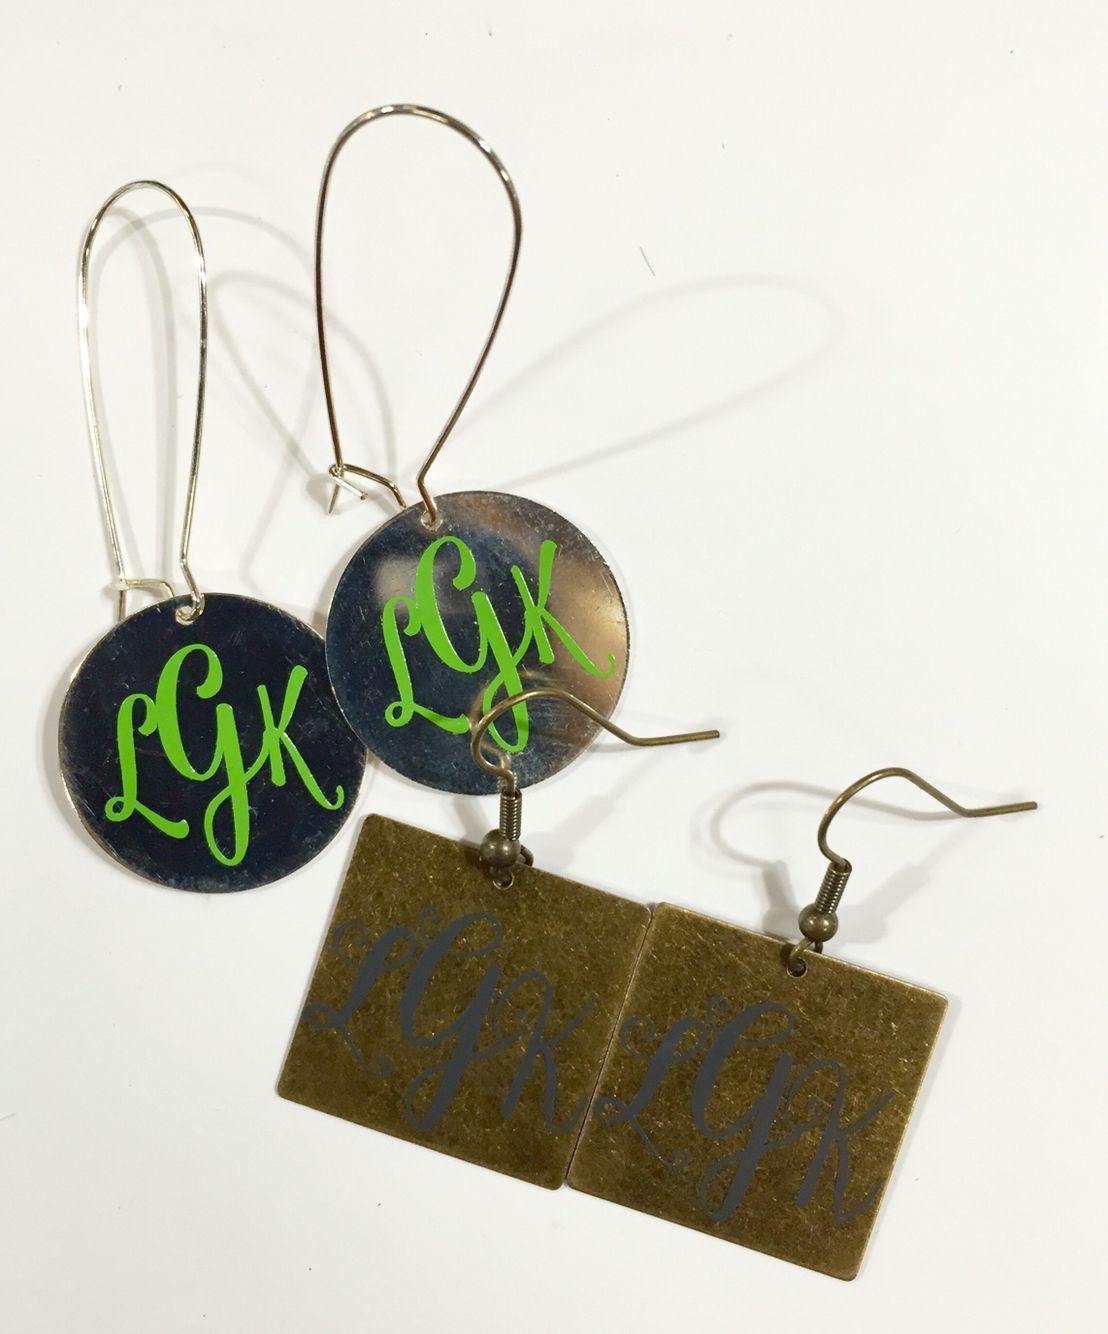 Adhesive Vinyl Monogrammed Earrings Monogram Earrings Vinyl Monogram Monogram